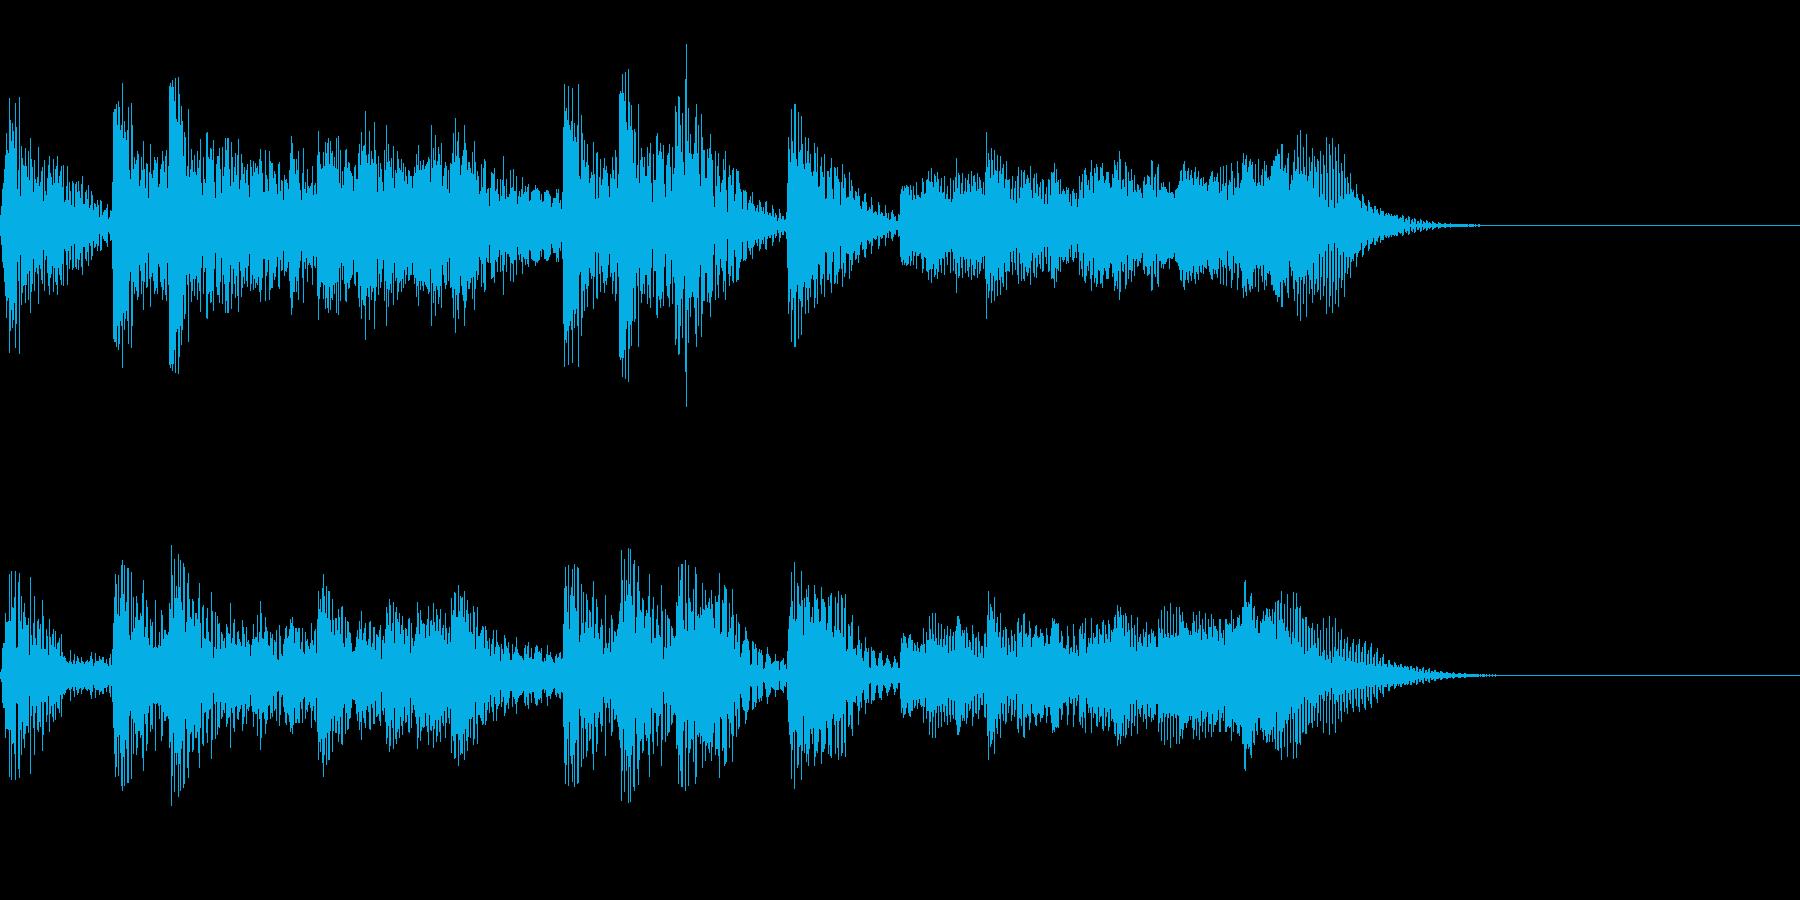 パンパカパン~マリンバのファンファーレ~の再生済みの波形